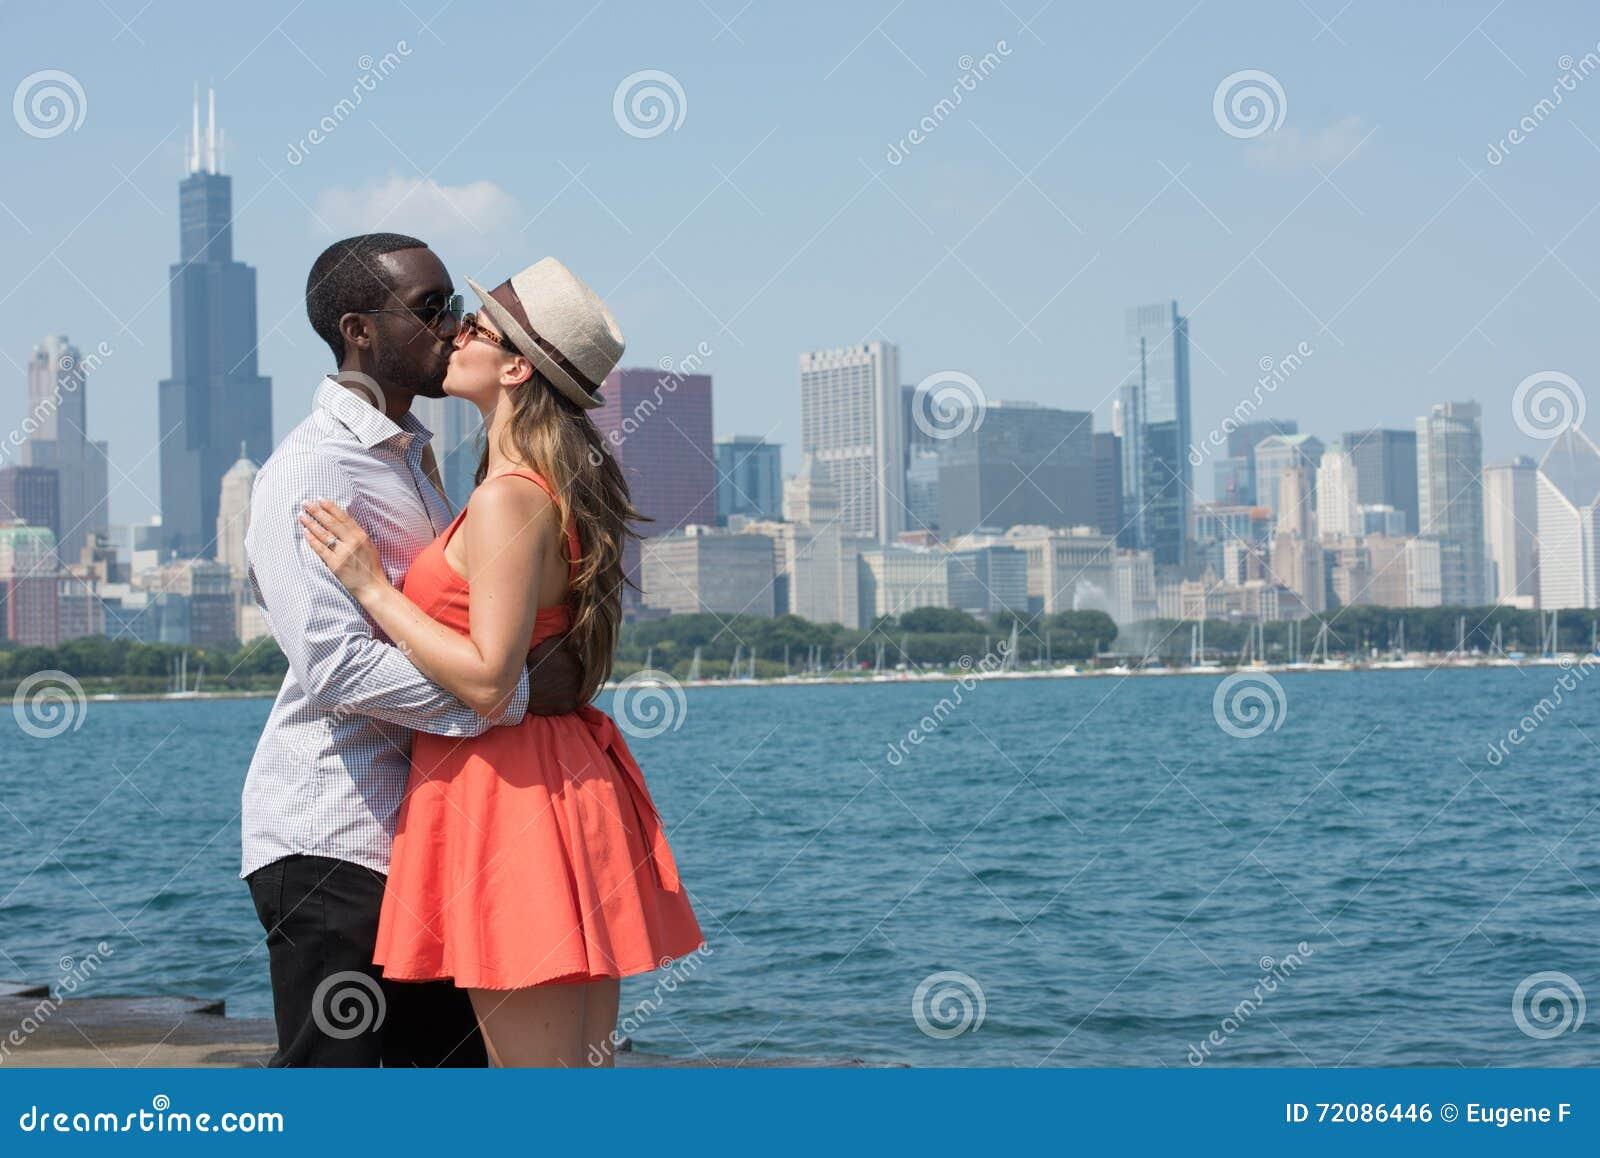 舒适和富感情的年轻夫妇在城市